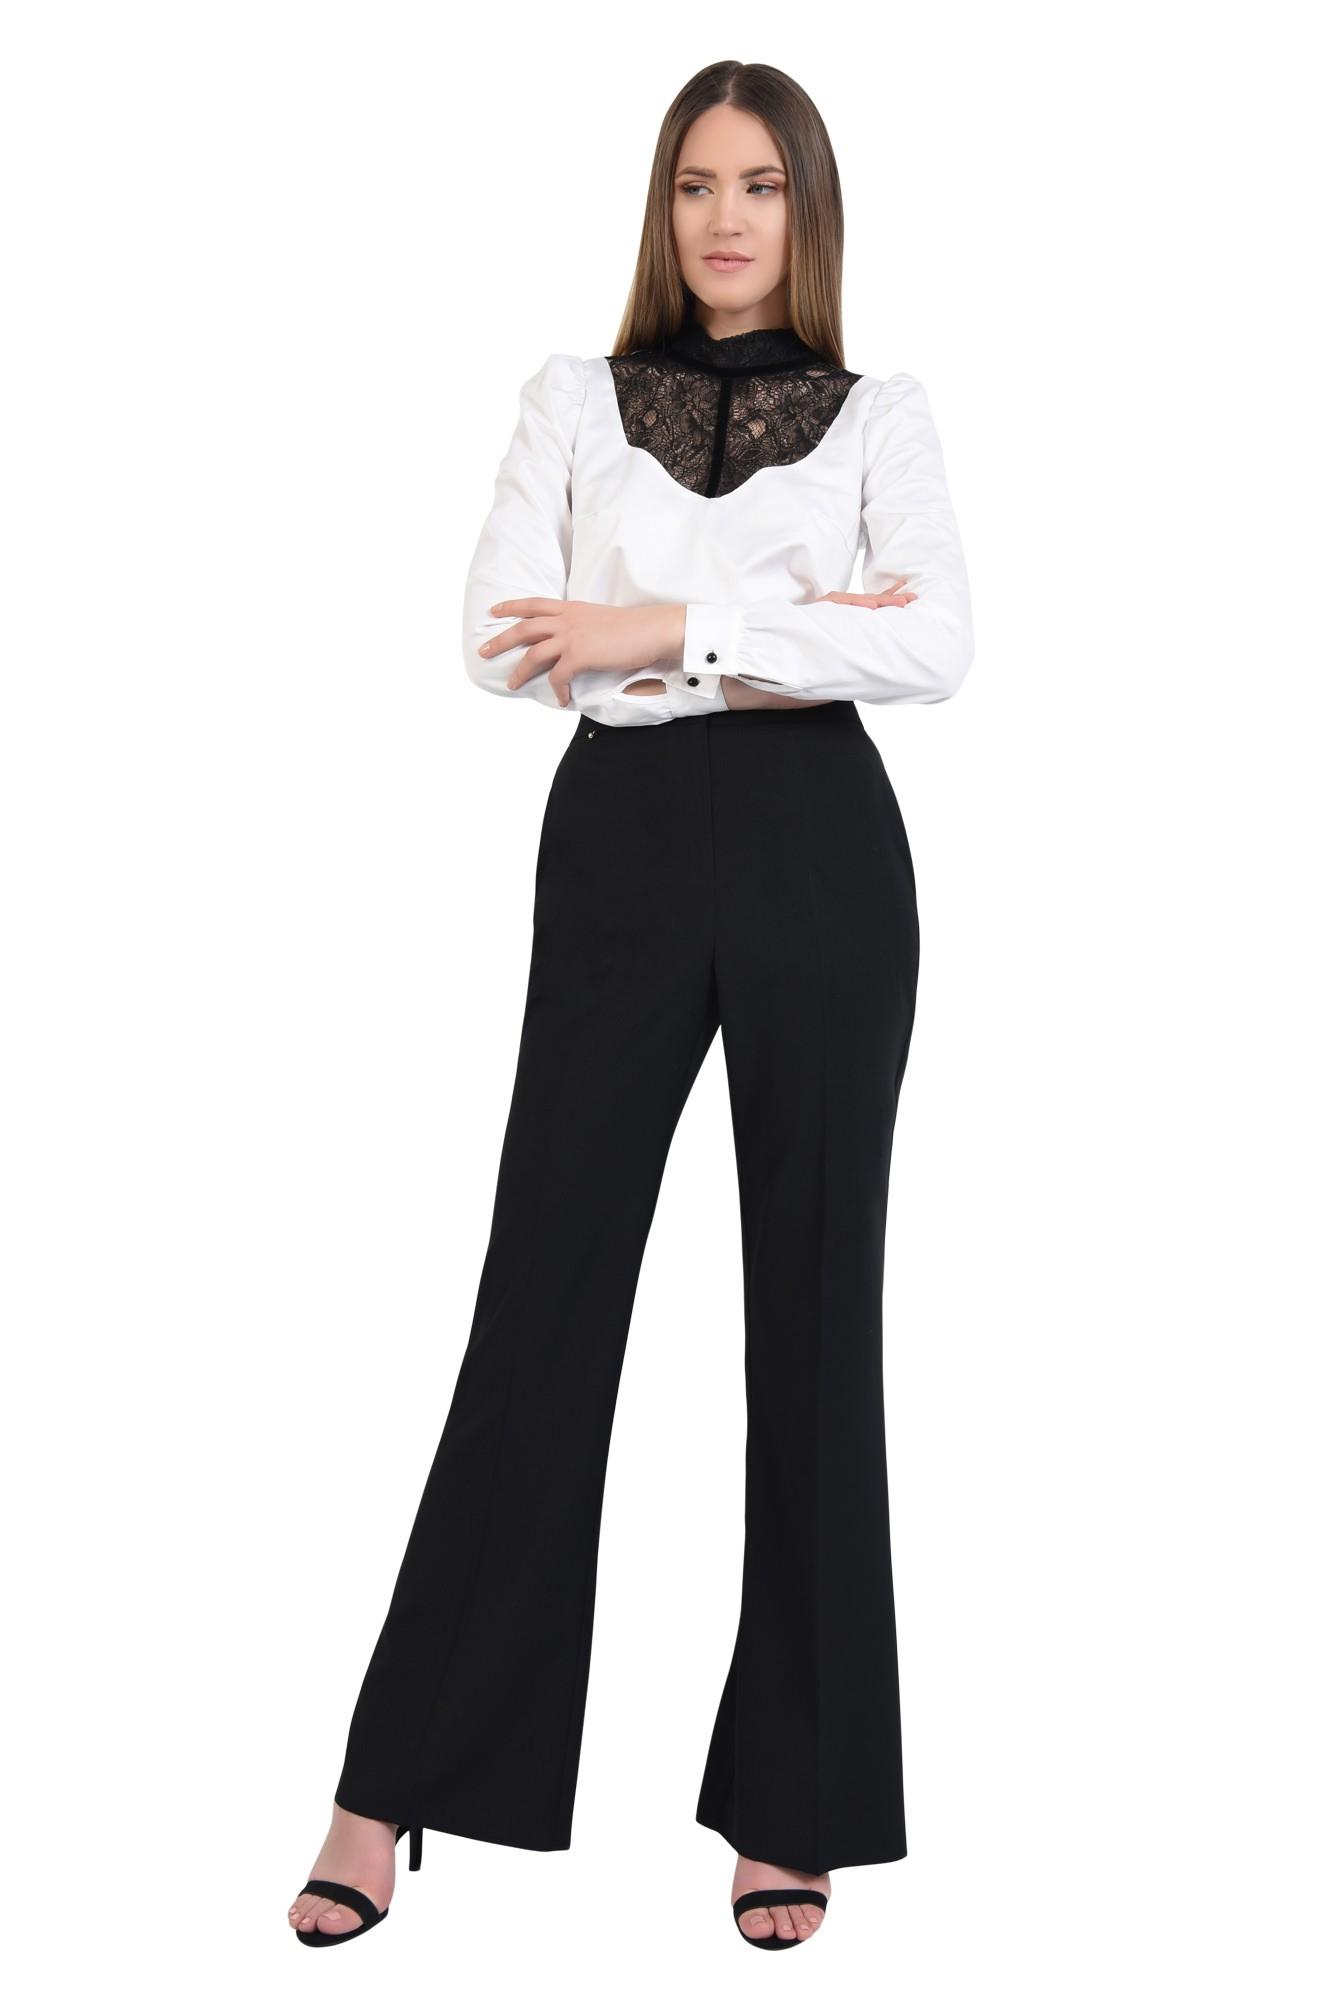 360 - bluze online, bluza dama, bumbac, maneci lungi